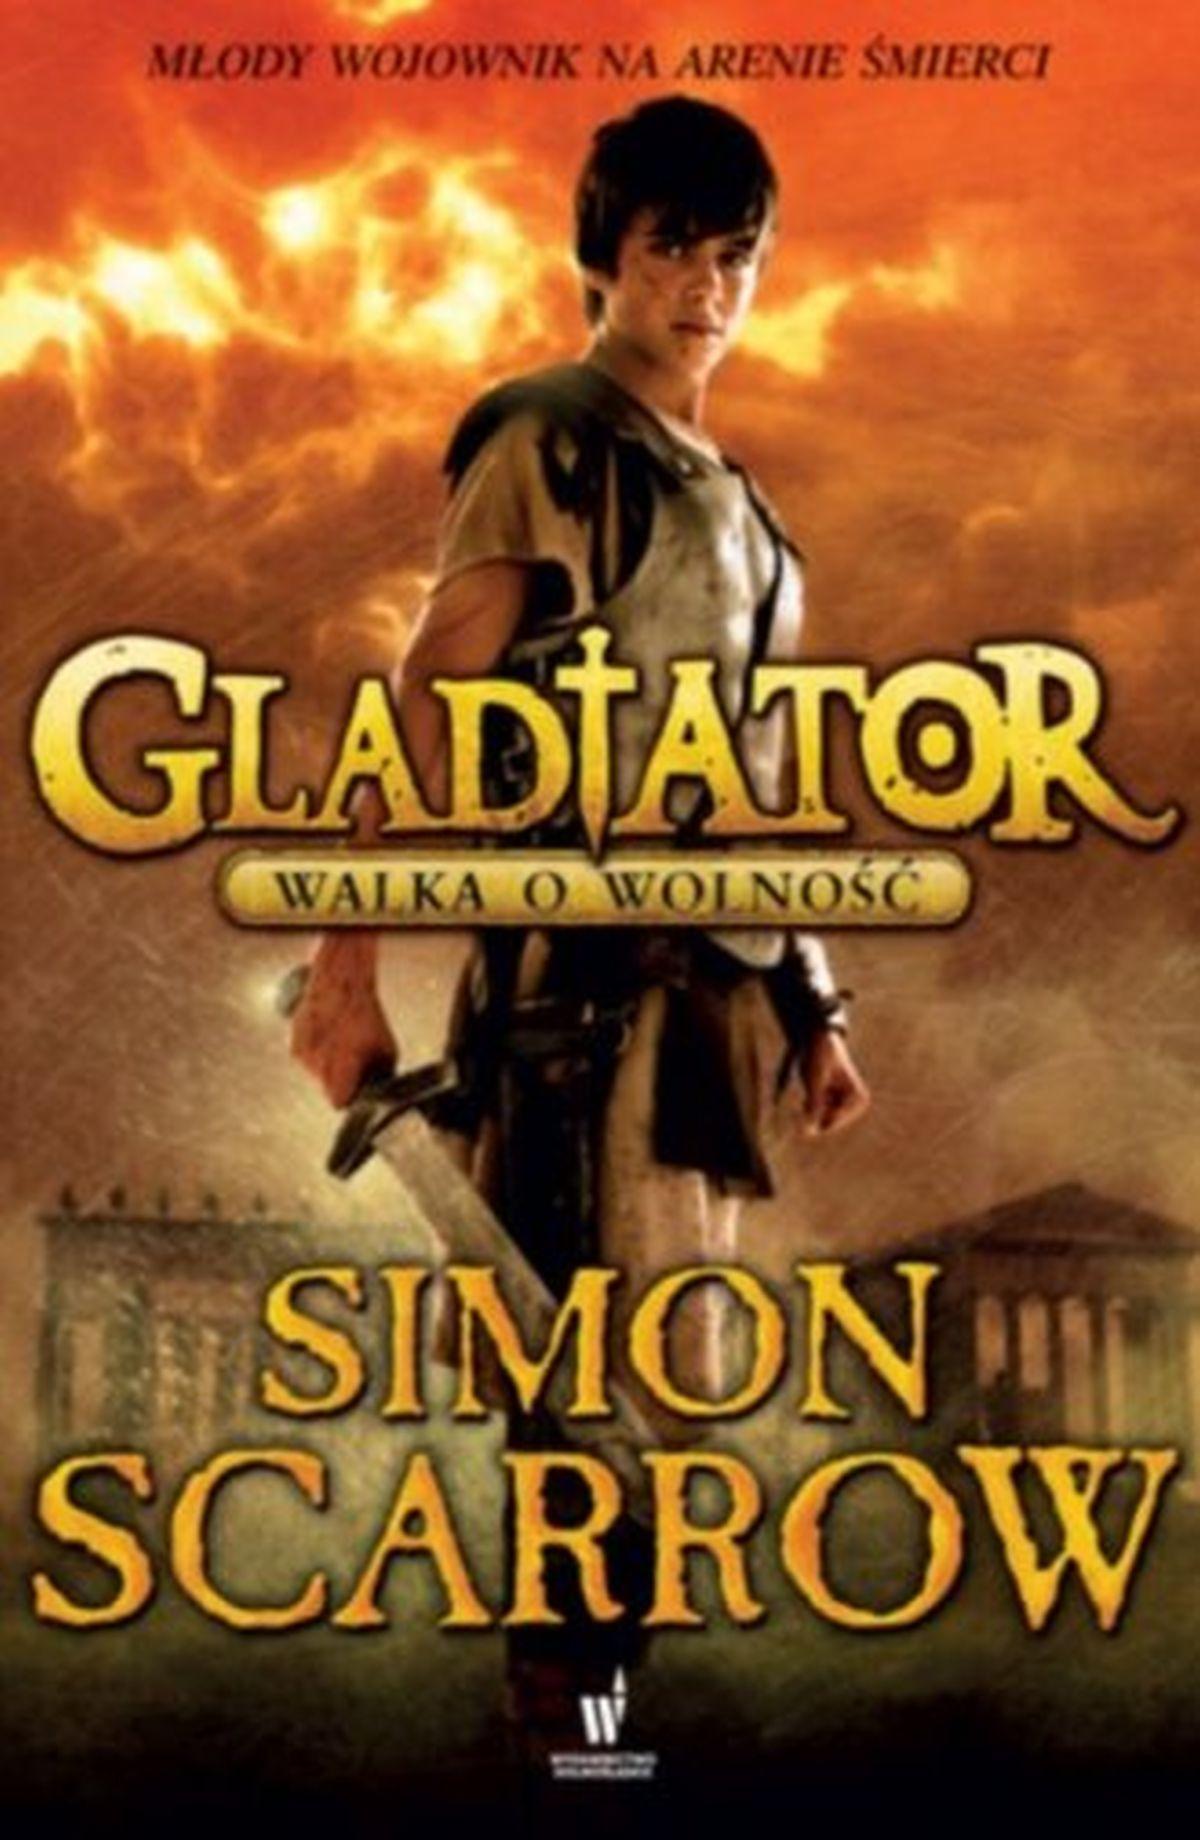 Simon Scarrow, Gladiator. Walka o wolność